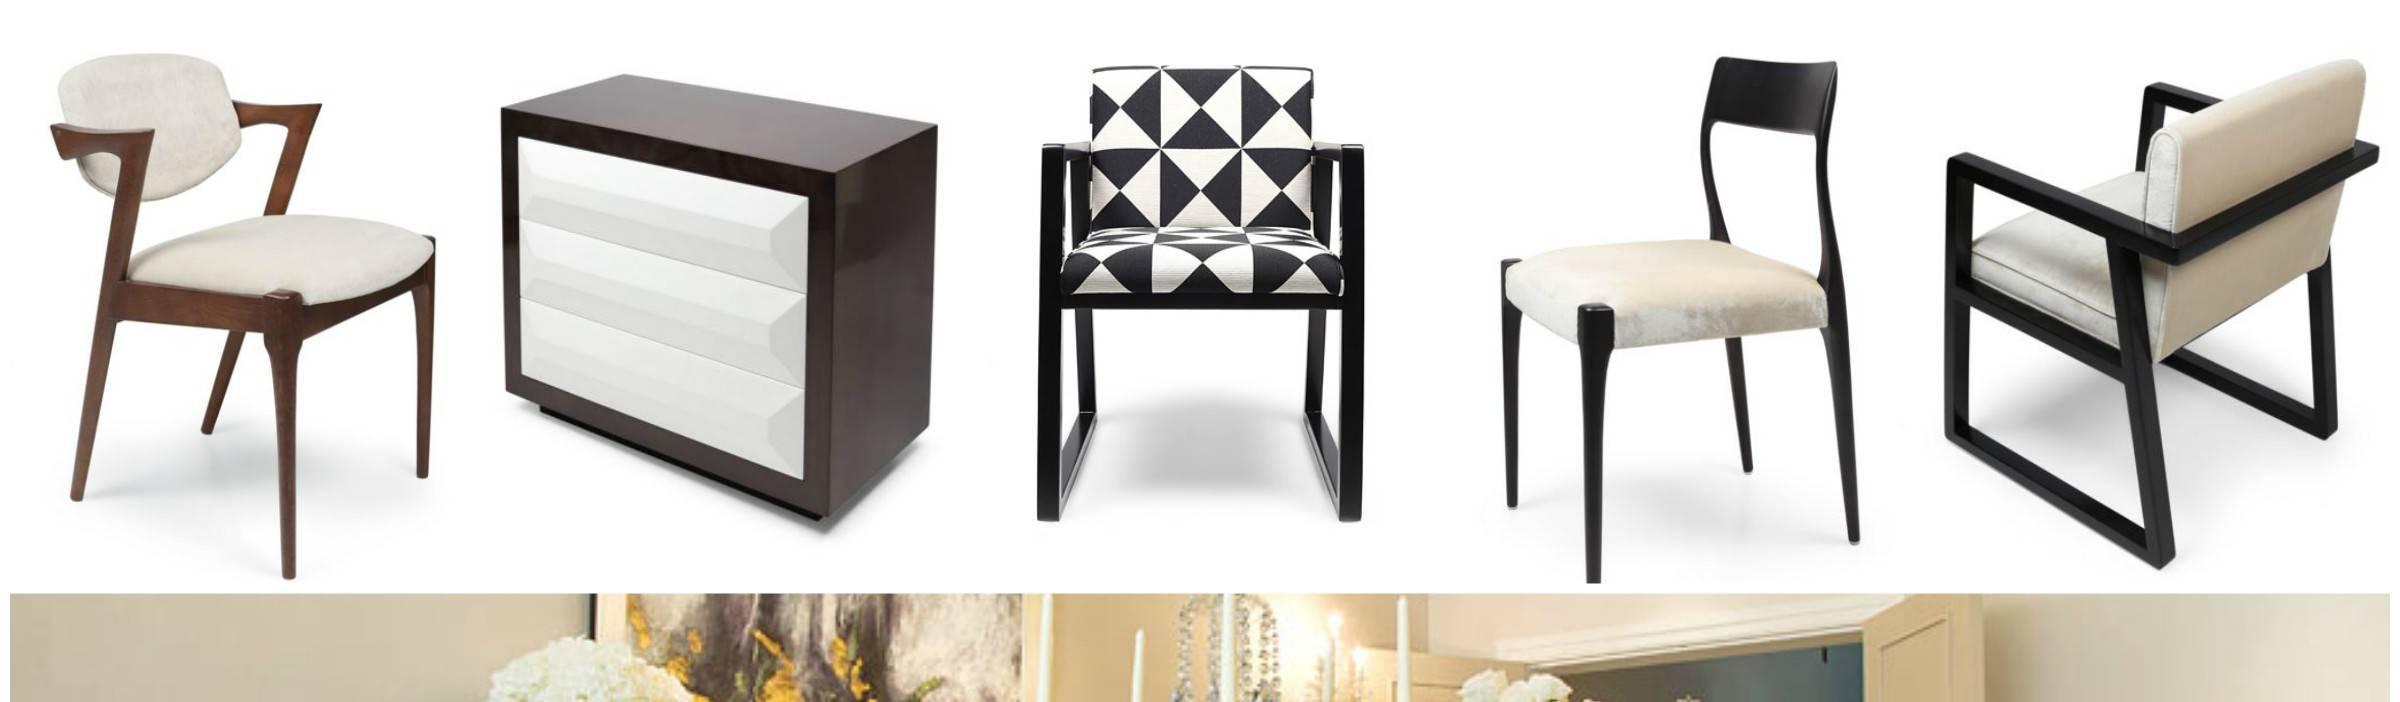 Chapel Street Furniture